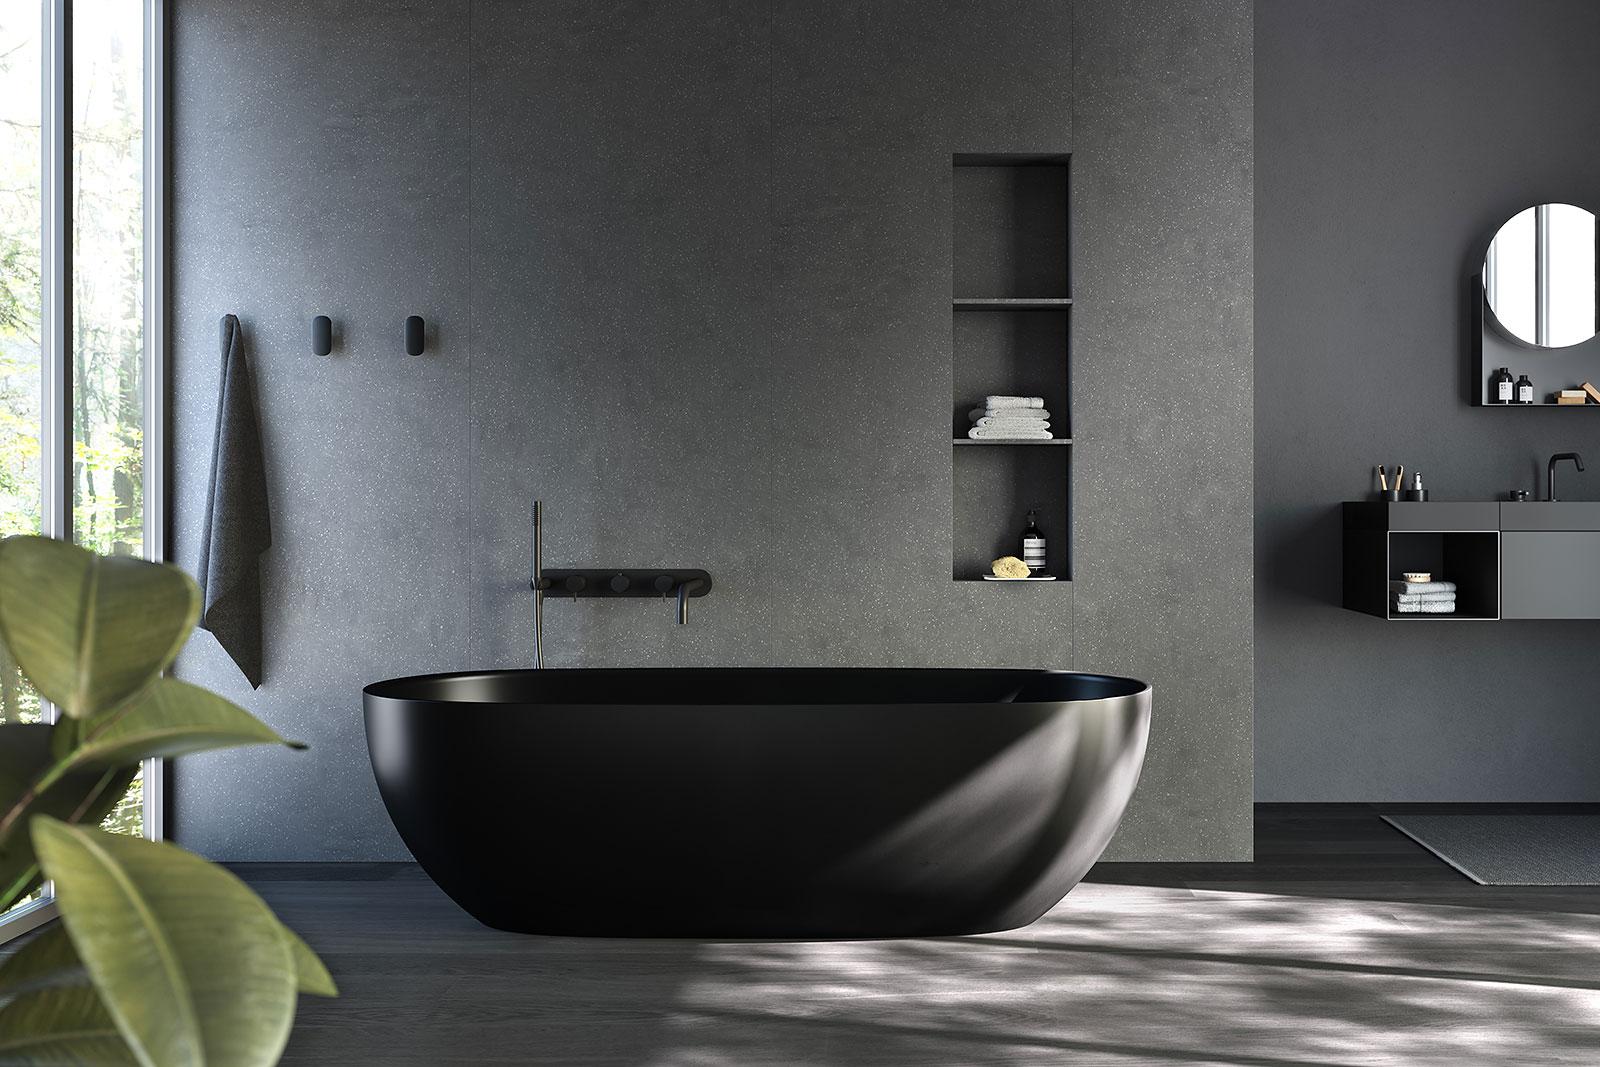 Freistehende Badewanne RexaDesign und Bademöbel finden Sie in unseren - Bagno Sasso Ausstellungen Landquart - Zürich